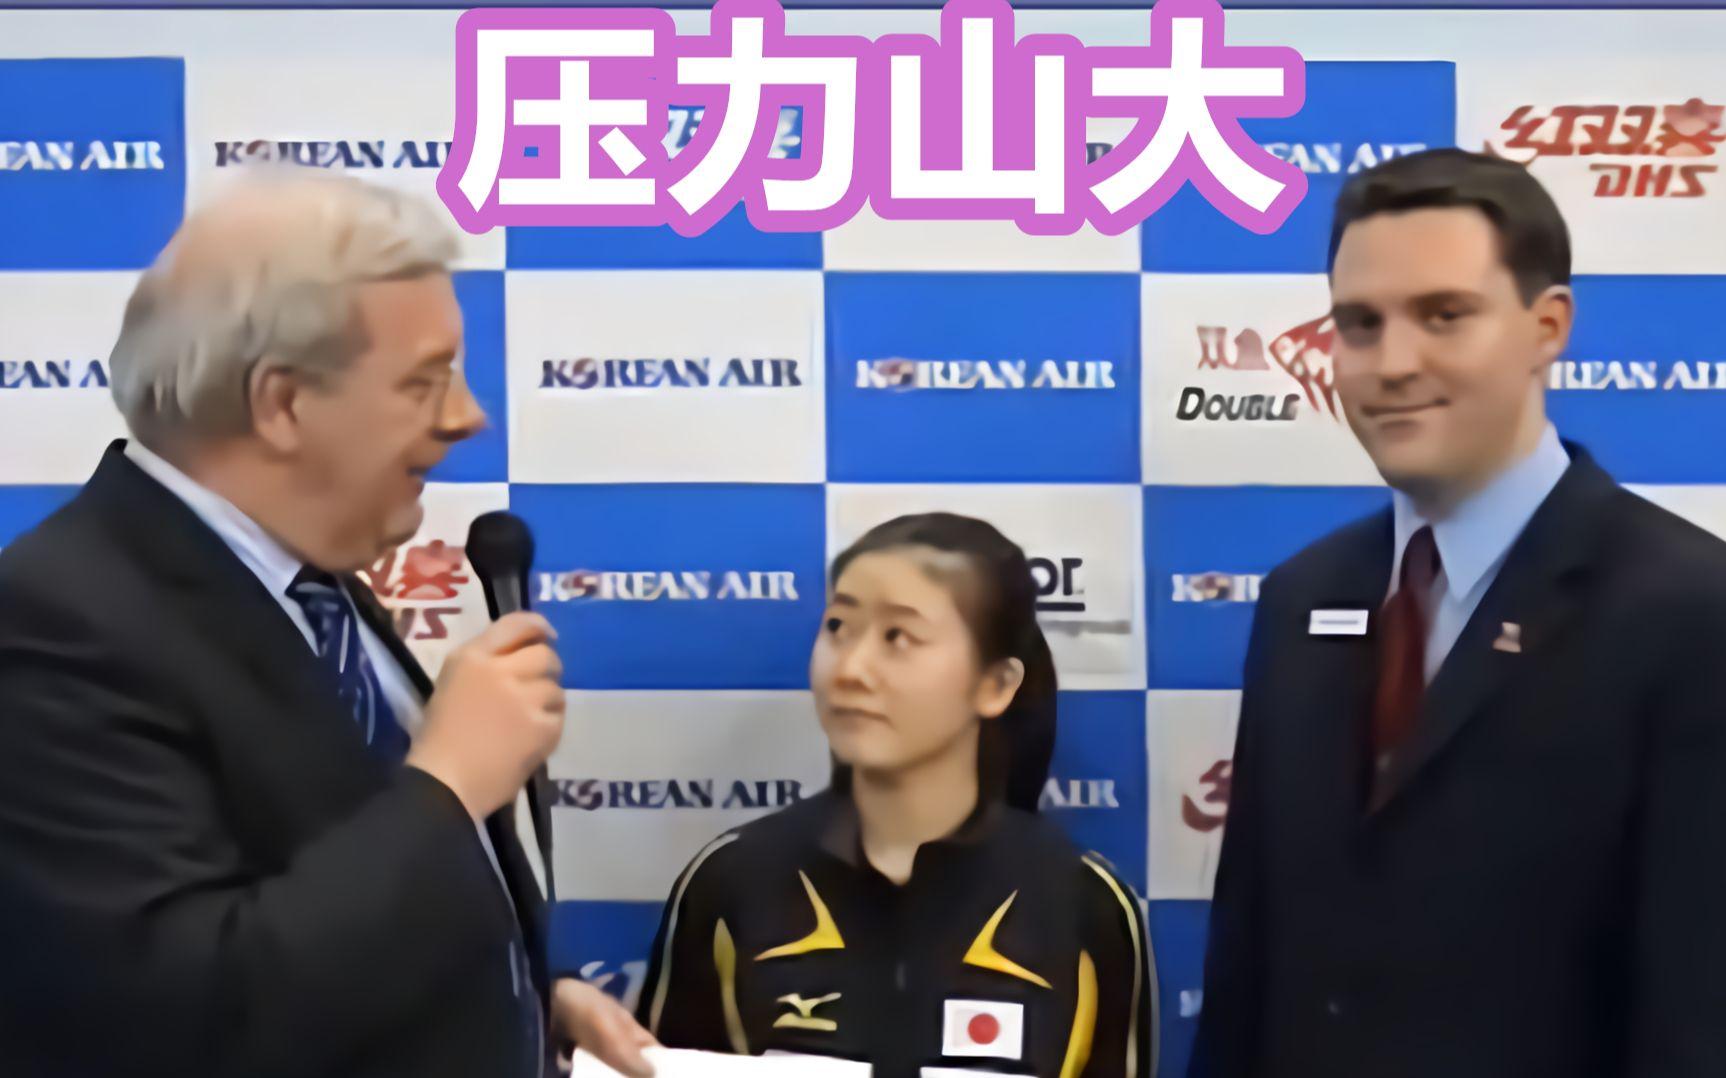 給漢語10級日本女隊 當翻譯 壓力山大_嗶哩嗶哩 (゜-゜)つロ 干杯~-bilibili